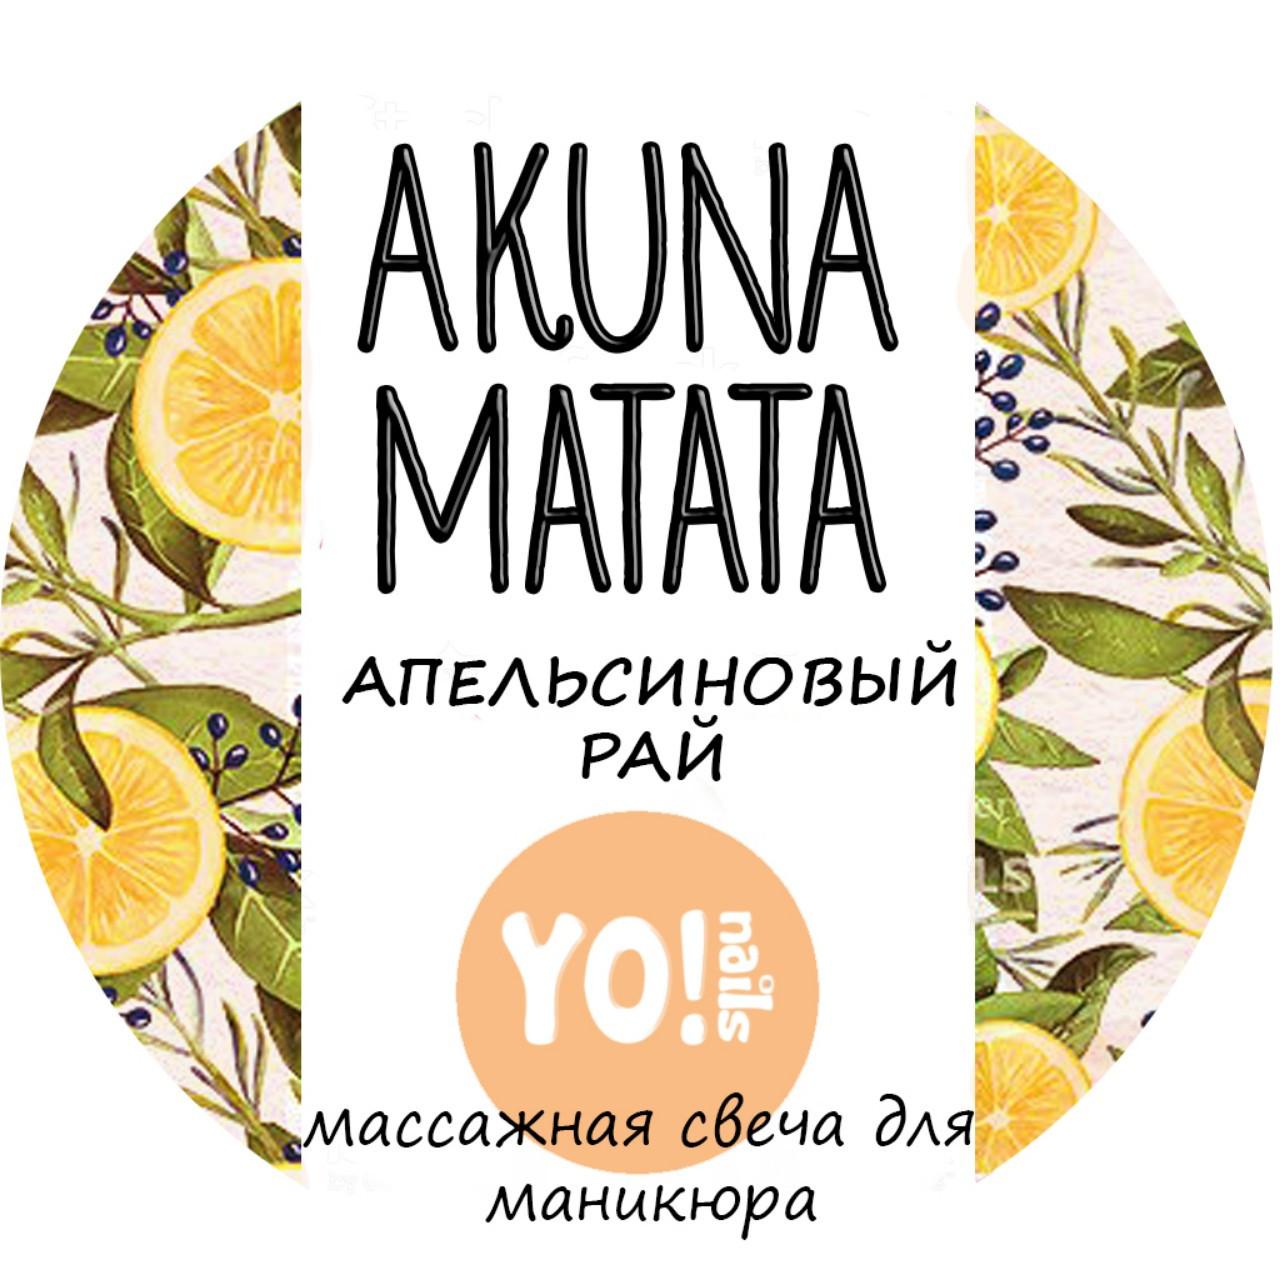 Массажная свеча для рук и тела AKUNA MATATA, Апельсиновый рай, 30мл